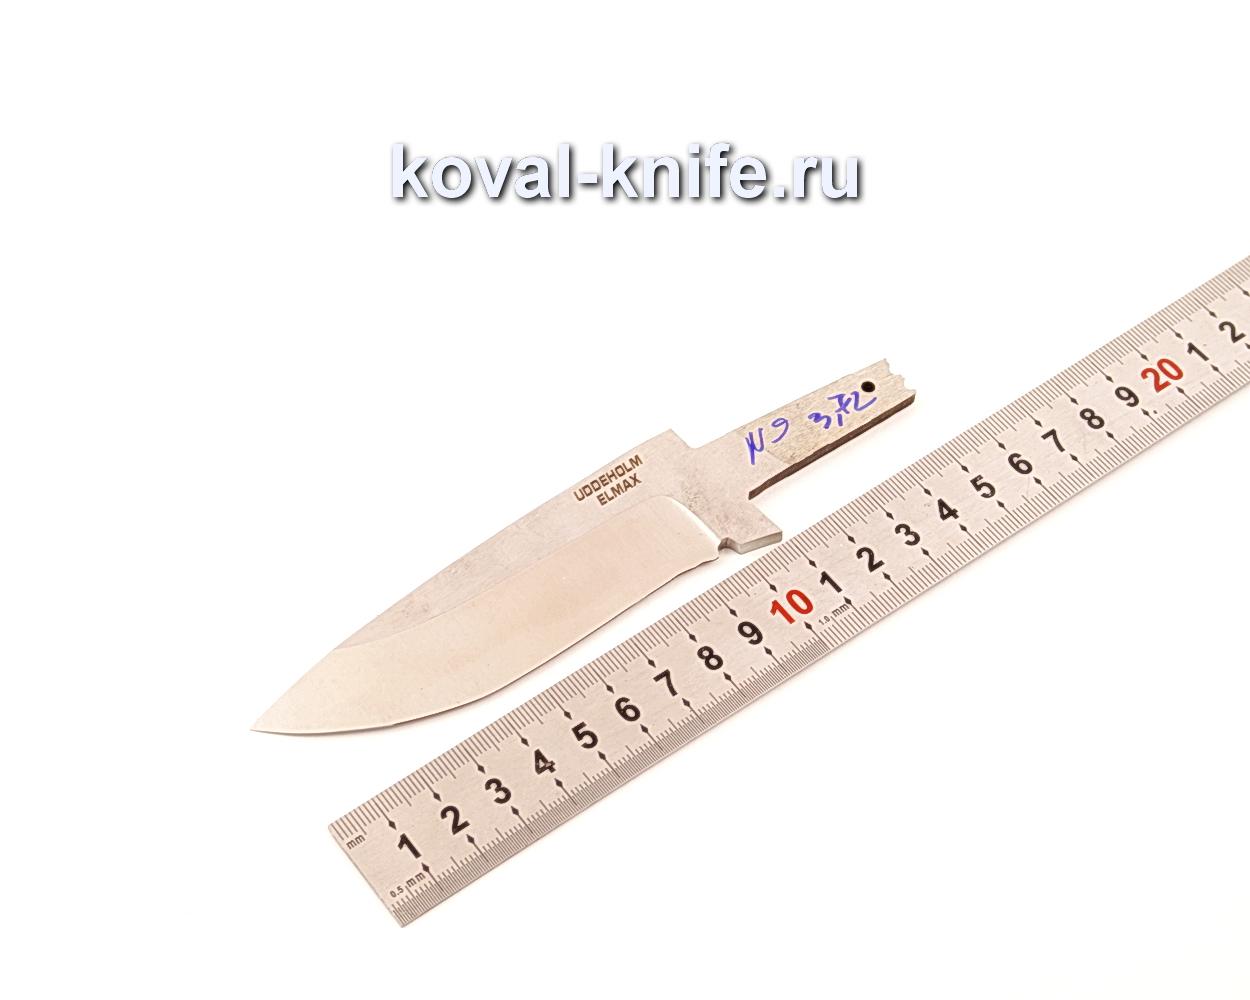 Клинок для ножа из порошковой стали Elmax N9